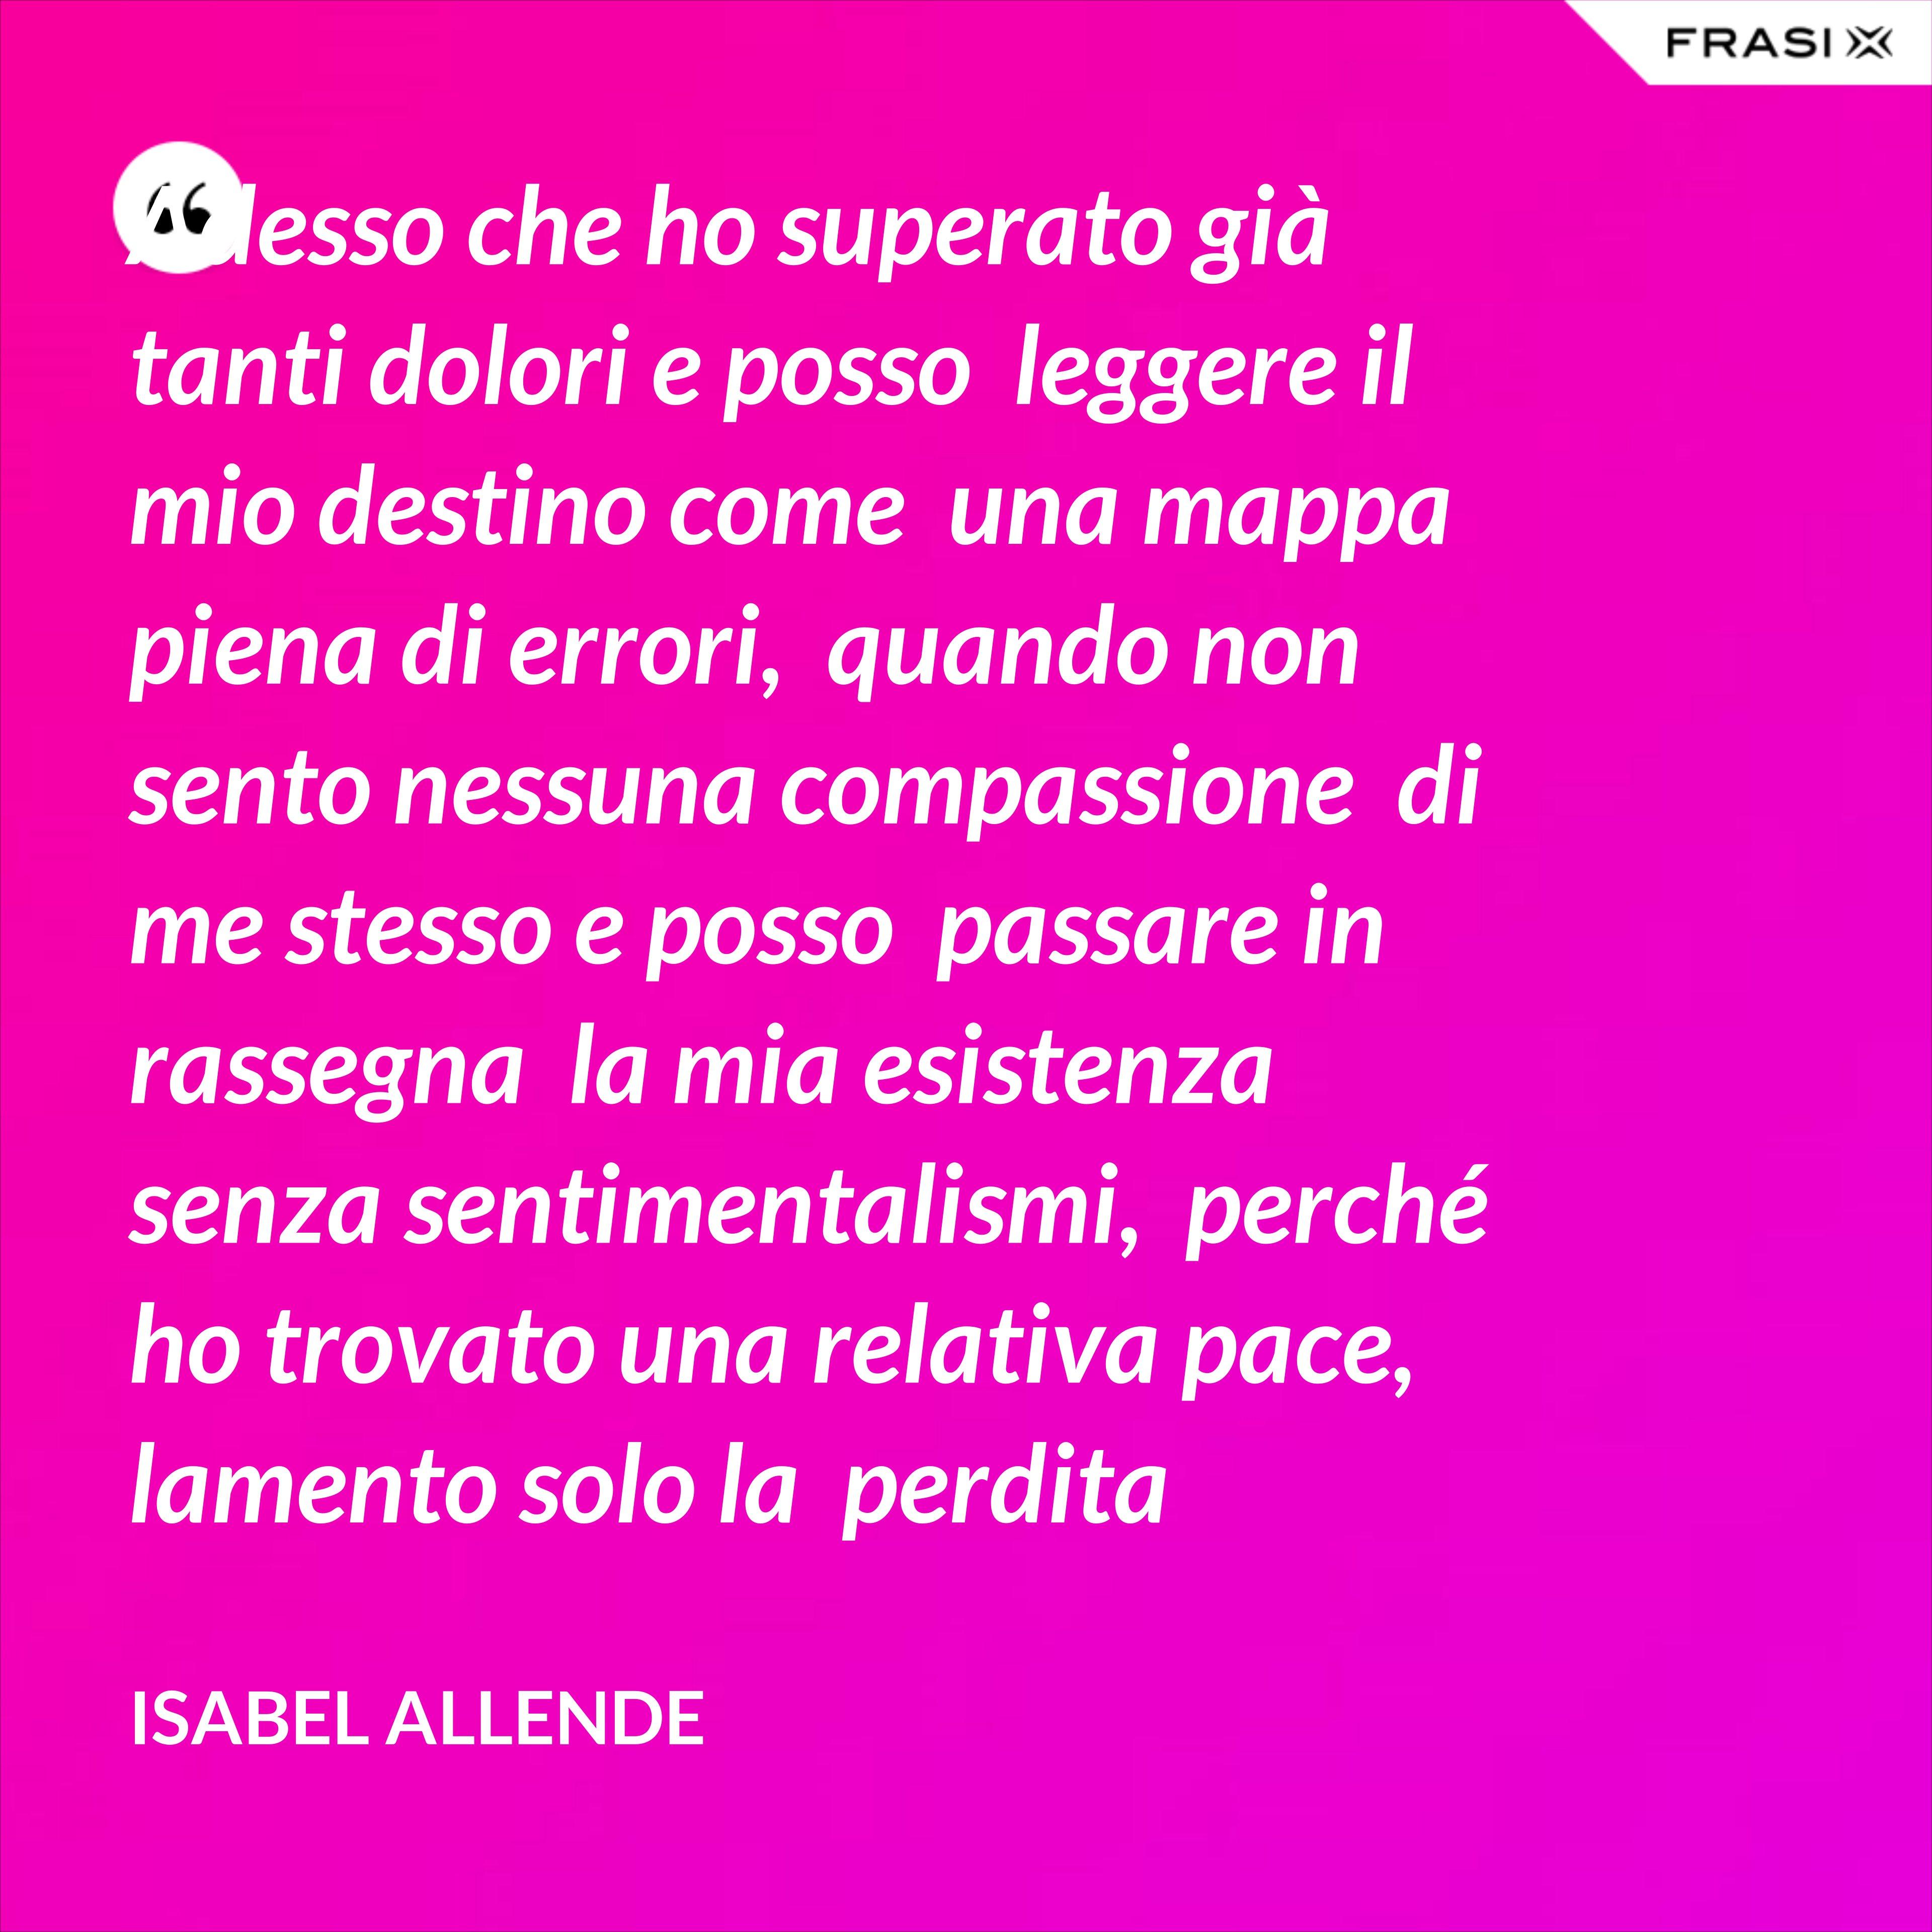 Adesso che ho superato già  tanti dolori e posso  leggere il mio destino come  una mappa piena di errori,  quando non sento nessuna compassione  di me stesso e posso  passare in rassegna  la mia esistenza senza sentimentalismi,  perché ho trovato una relativa pace,  lamento solo la  perdita dell'innocenza.  Mi manca l'idealismo della gioventù,  del tempo in cui esisteva ancora per me  una chiara linea divisoria  tra il bene e il male  e credevo che fosse possibile agire  sempre in accordo con  principi amovibili. - Isabel Allende